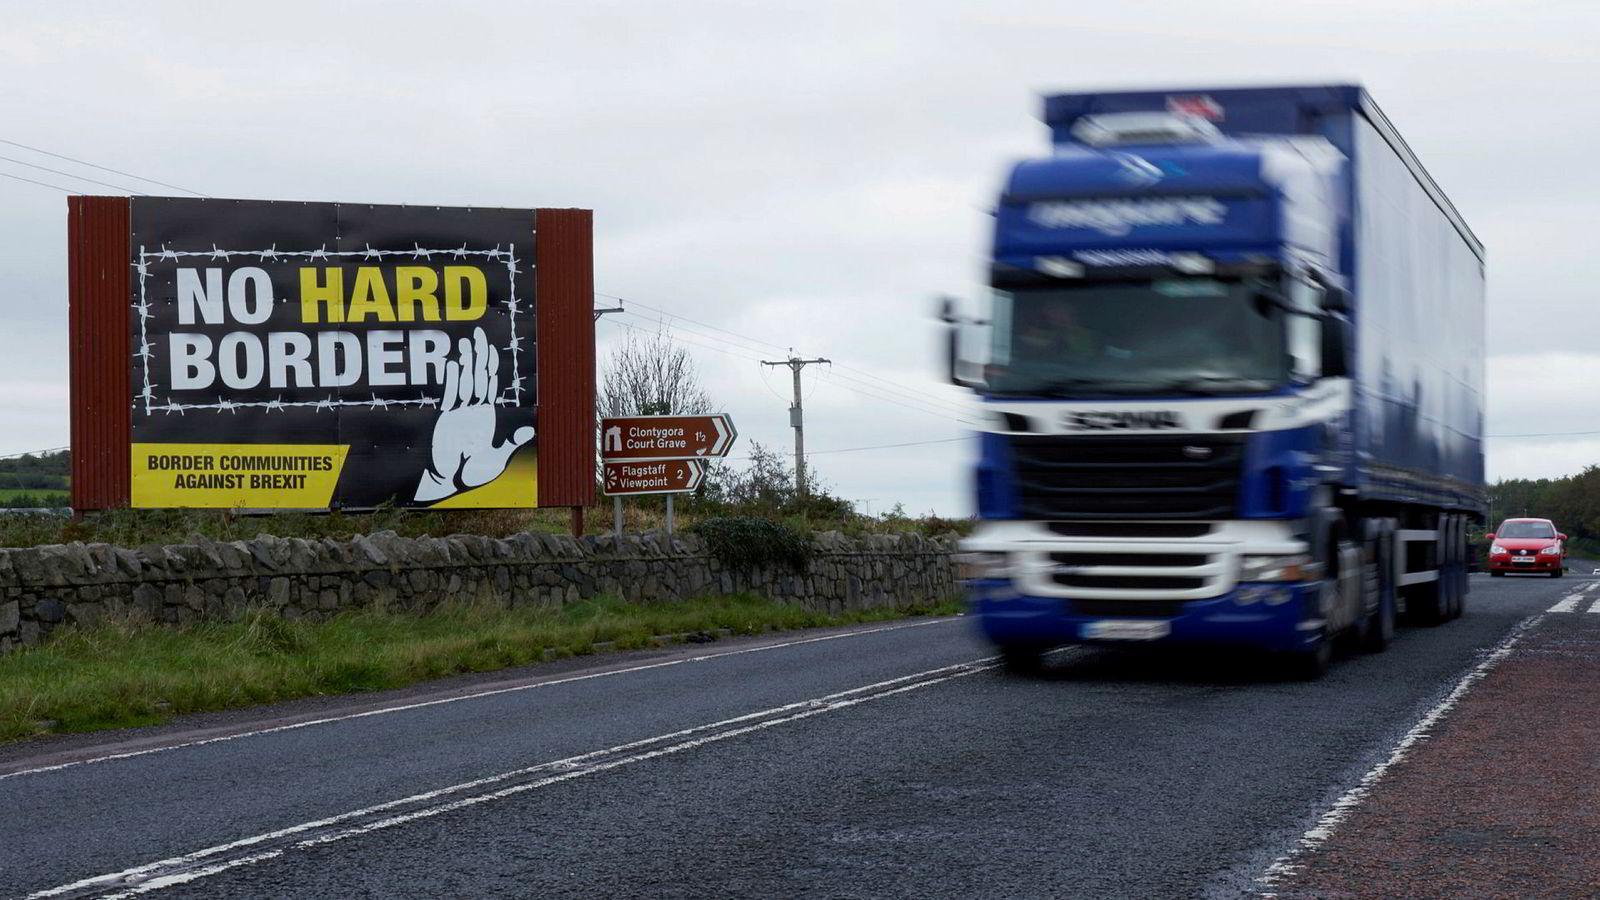 Grensen mellom Irland og Nord-Irland skal forbli usynlig, foreslår Storbritannia. Det hjelper lite, så lenge det er en grense, innvender EU og irske politikere.